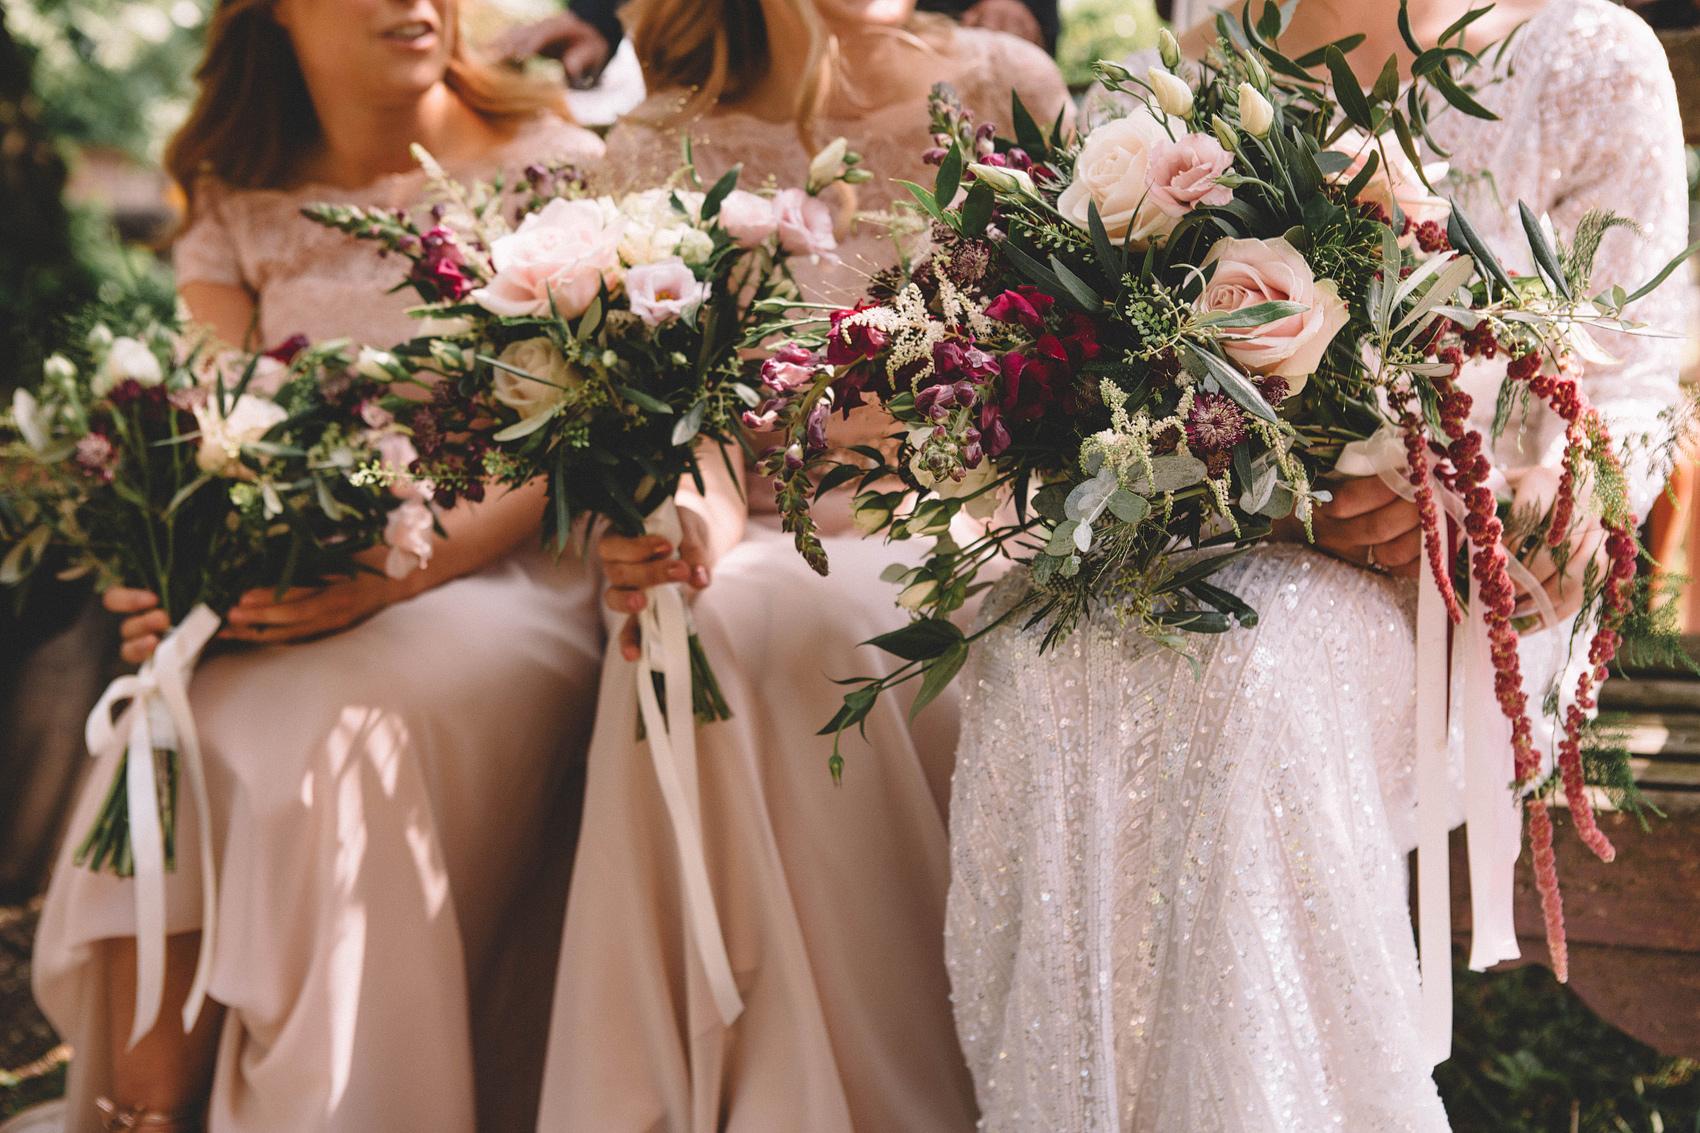 Inglewood_Manor_Wedding_Photography_-_Claire_Basiuk_Cheshire_Photographer_-_16_13.jpg